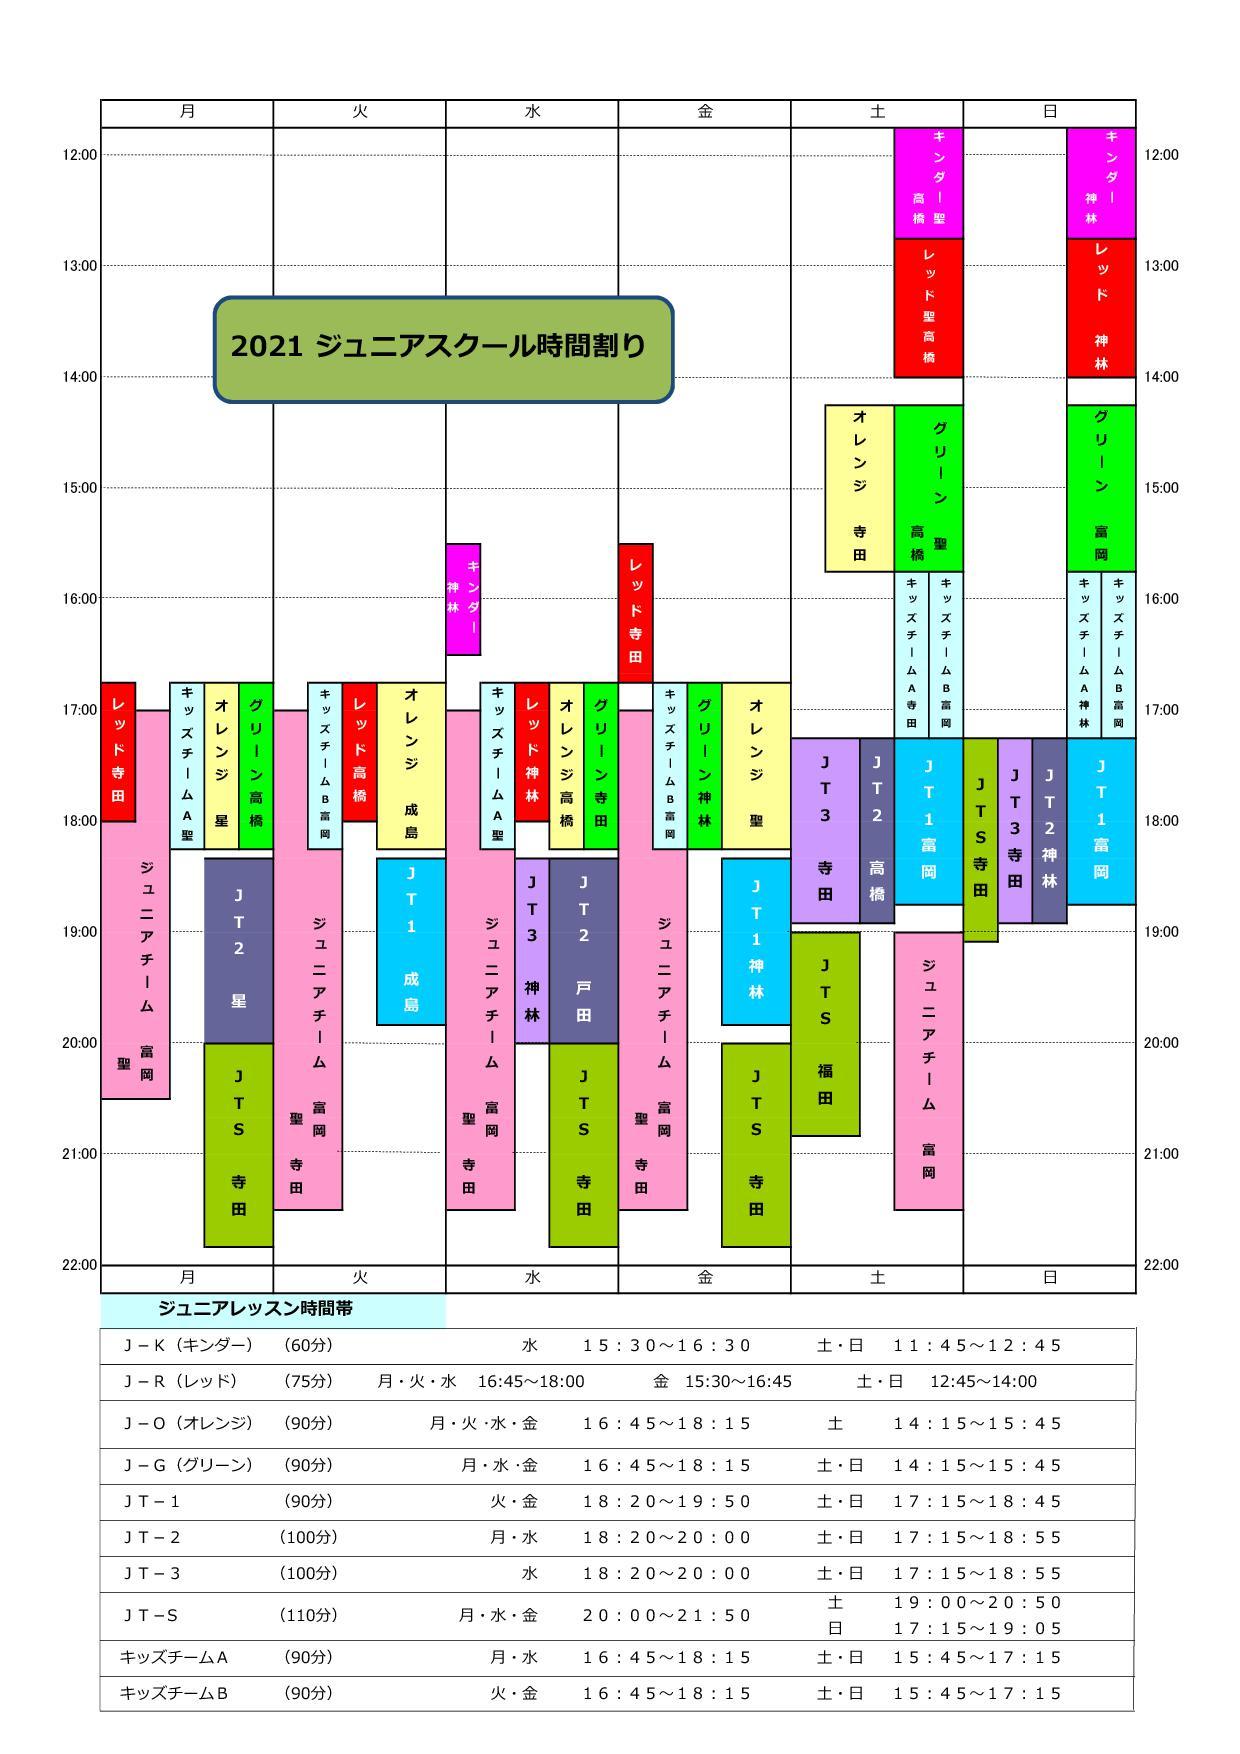 2021ジュニア時間割(コーチ入り)